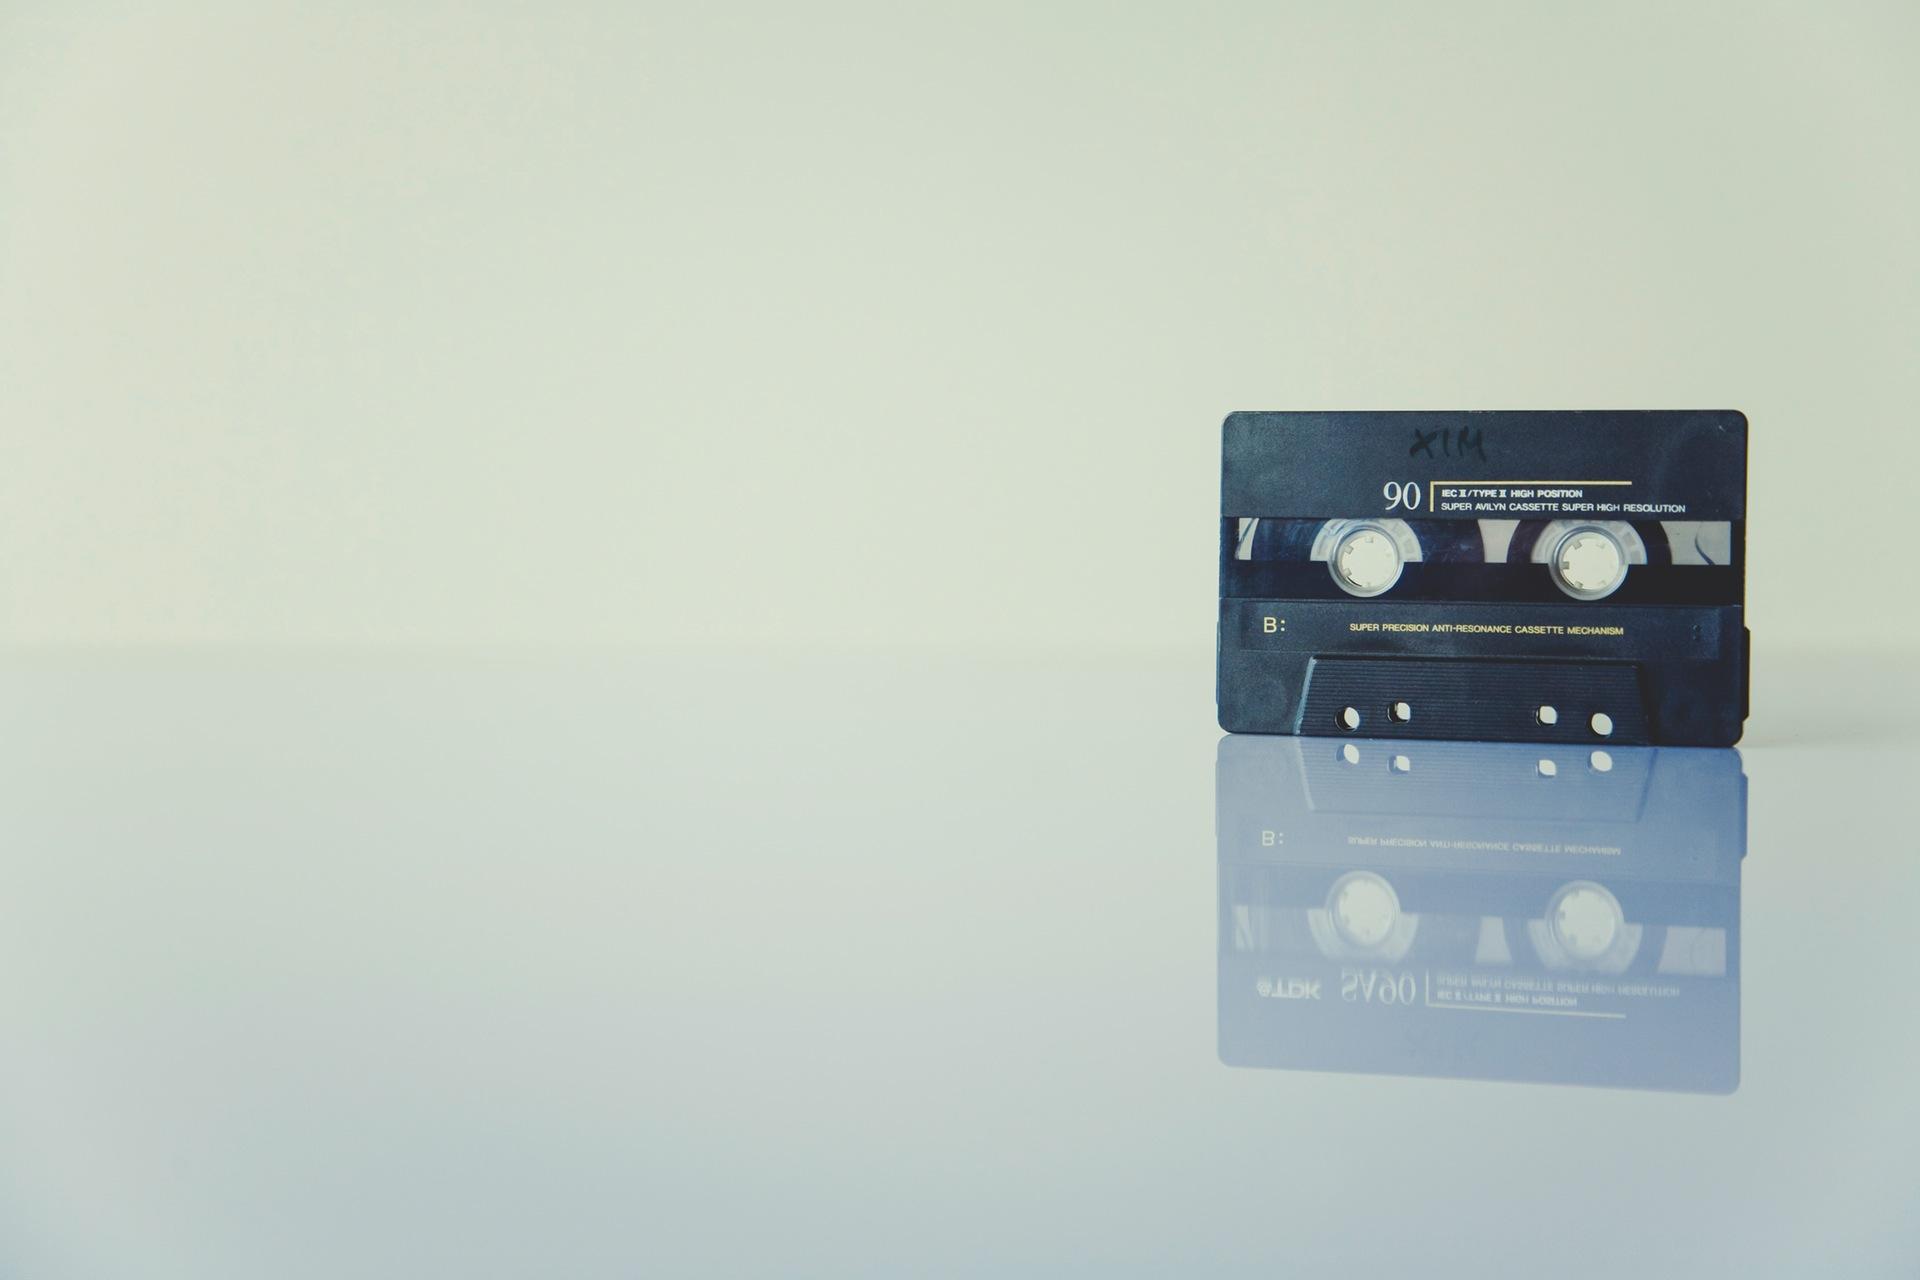 磁带, 盒式磁带, 年份, 复古, 极简主义者 - 高清壁纸 - 教授-falken.com